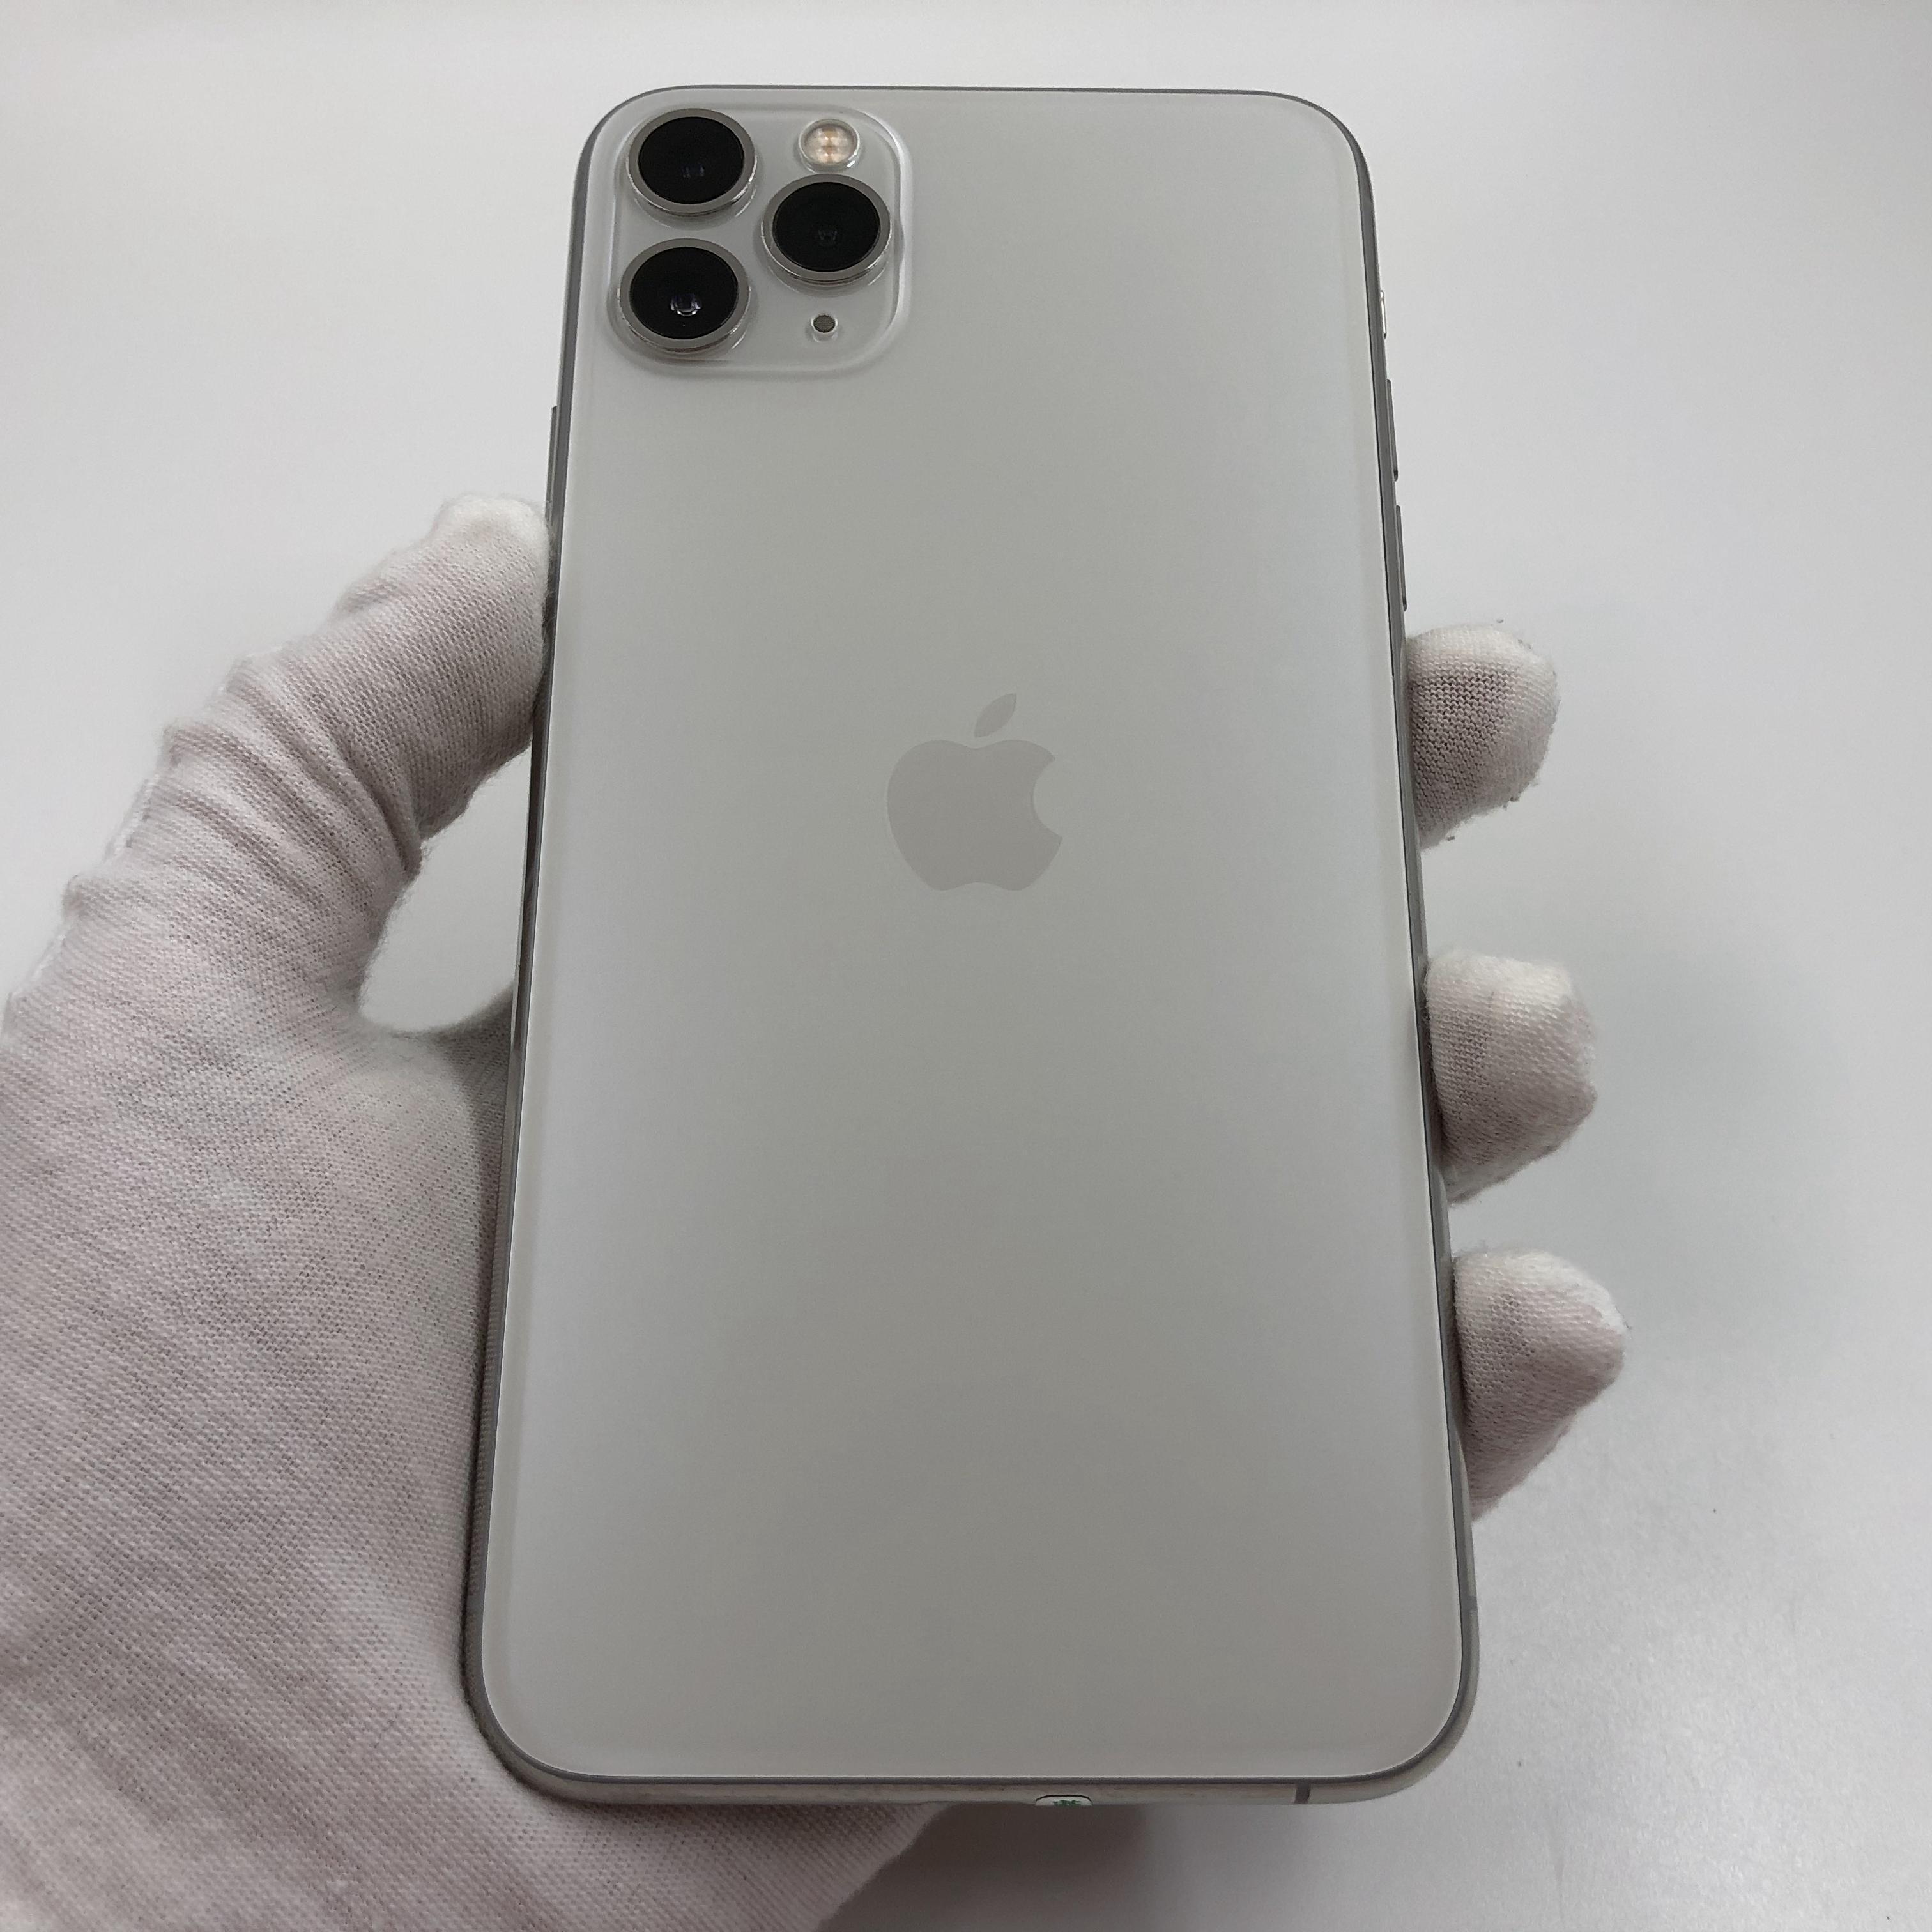 苹果【iPhone 11 Pro Max】4G全网通 银色 64G 国行 8成新 真机实拍